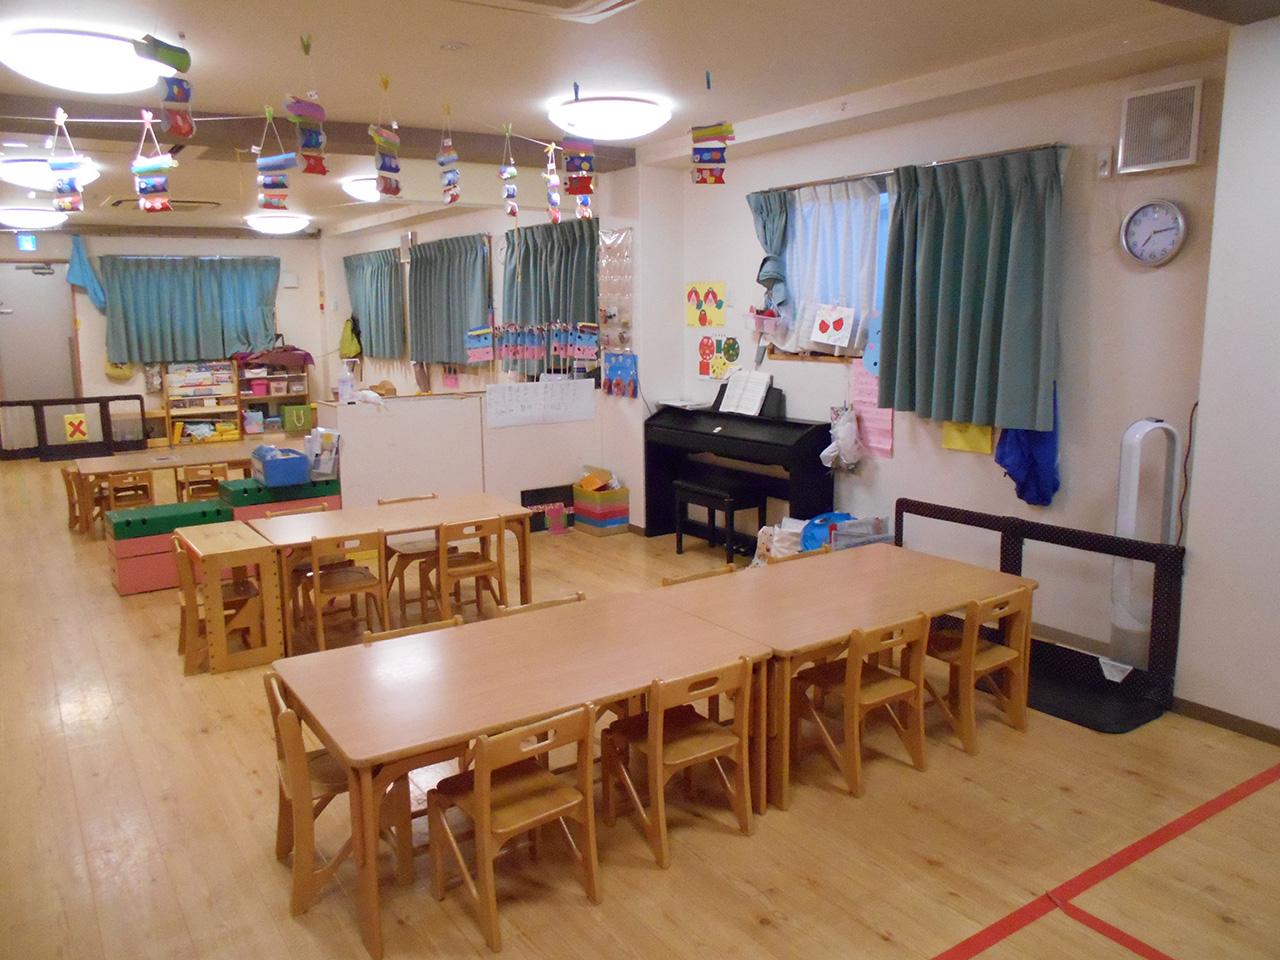 4才児 そらぐみ 3才児室とロッカーで仕切っています